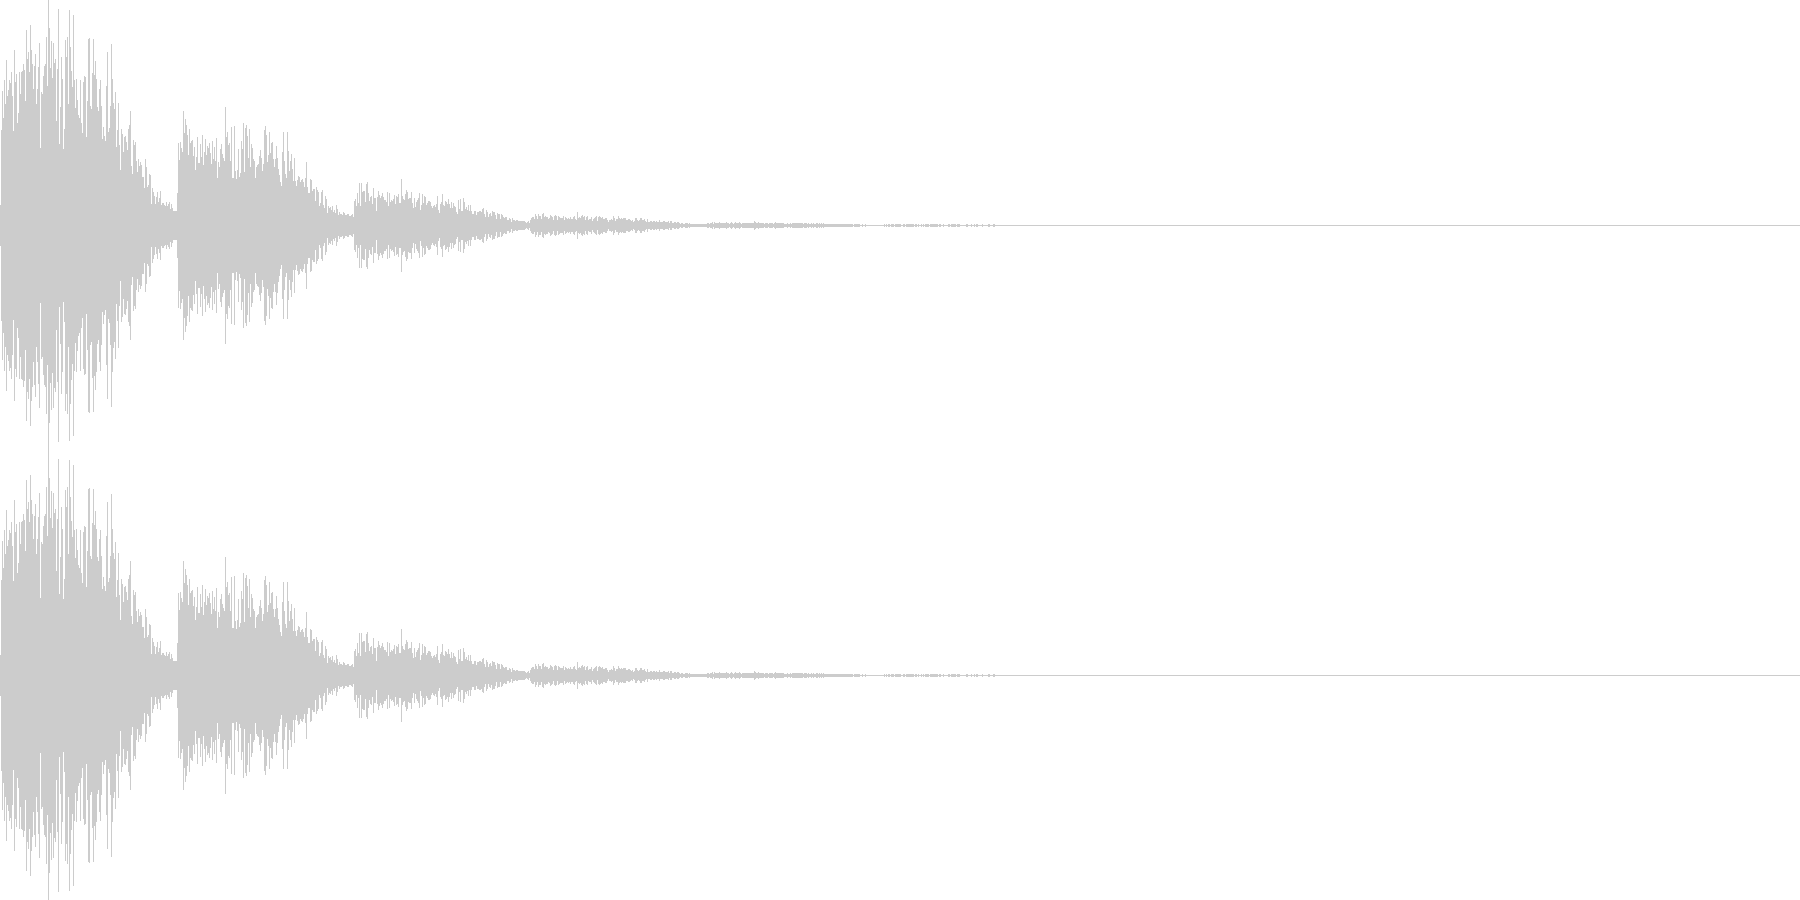 ビビ(キャンセル、ミス、失敗)の未再生の波形